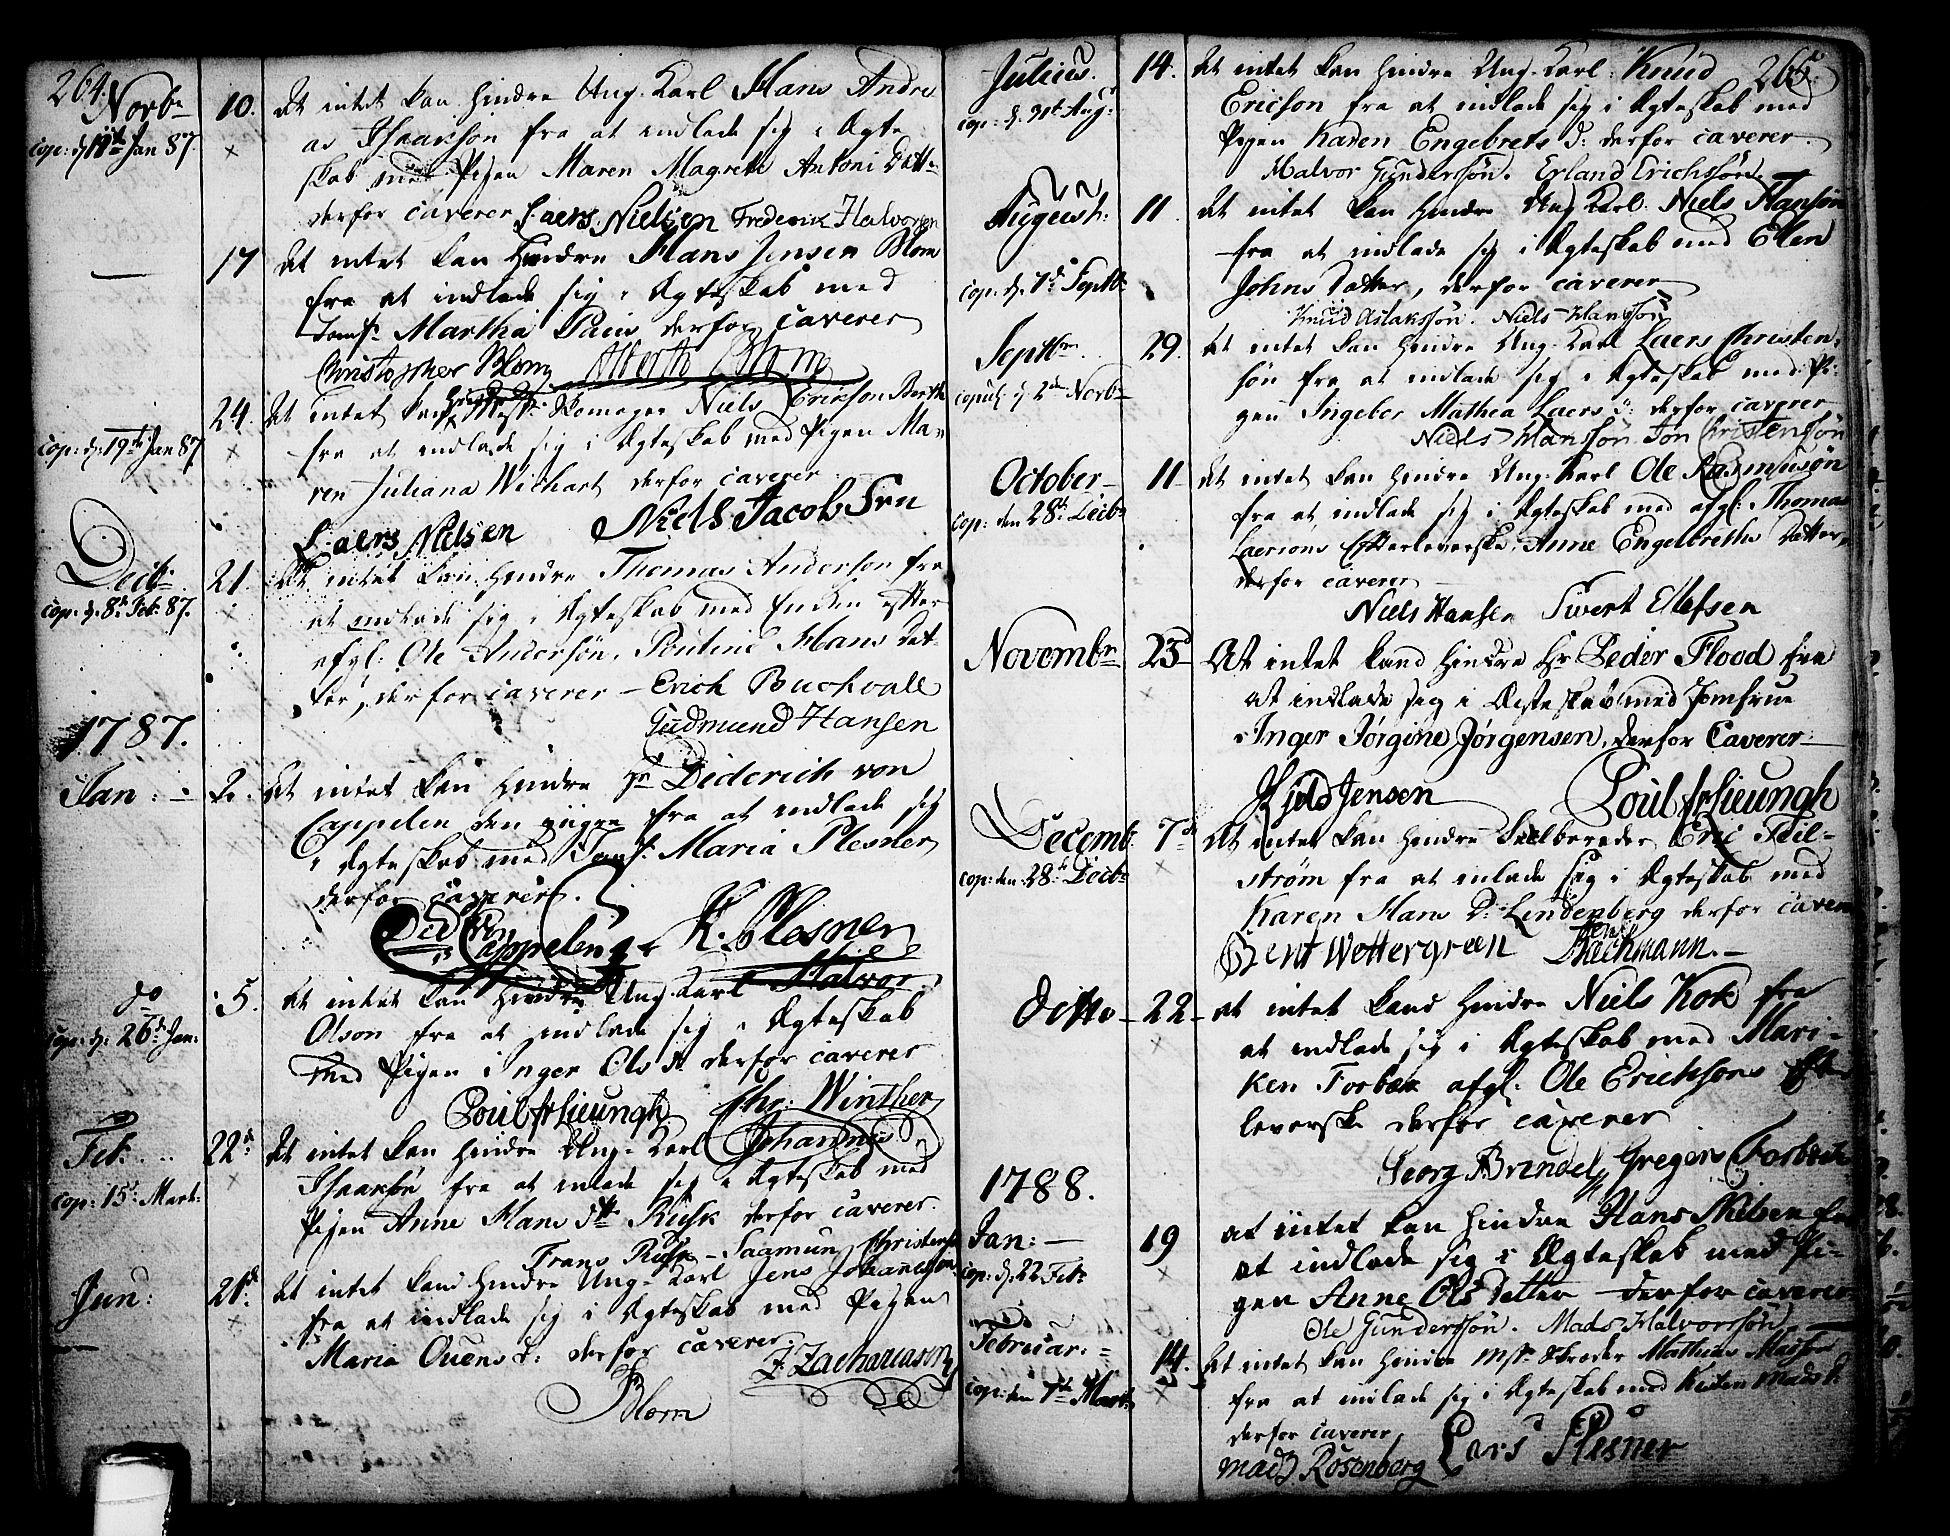 SAKO, Skien kirkebøker, F/Fa/L0003: Ministerialbok nr. 3, 1755-1791, s. 264-265